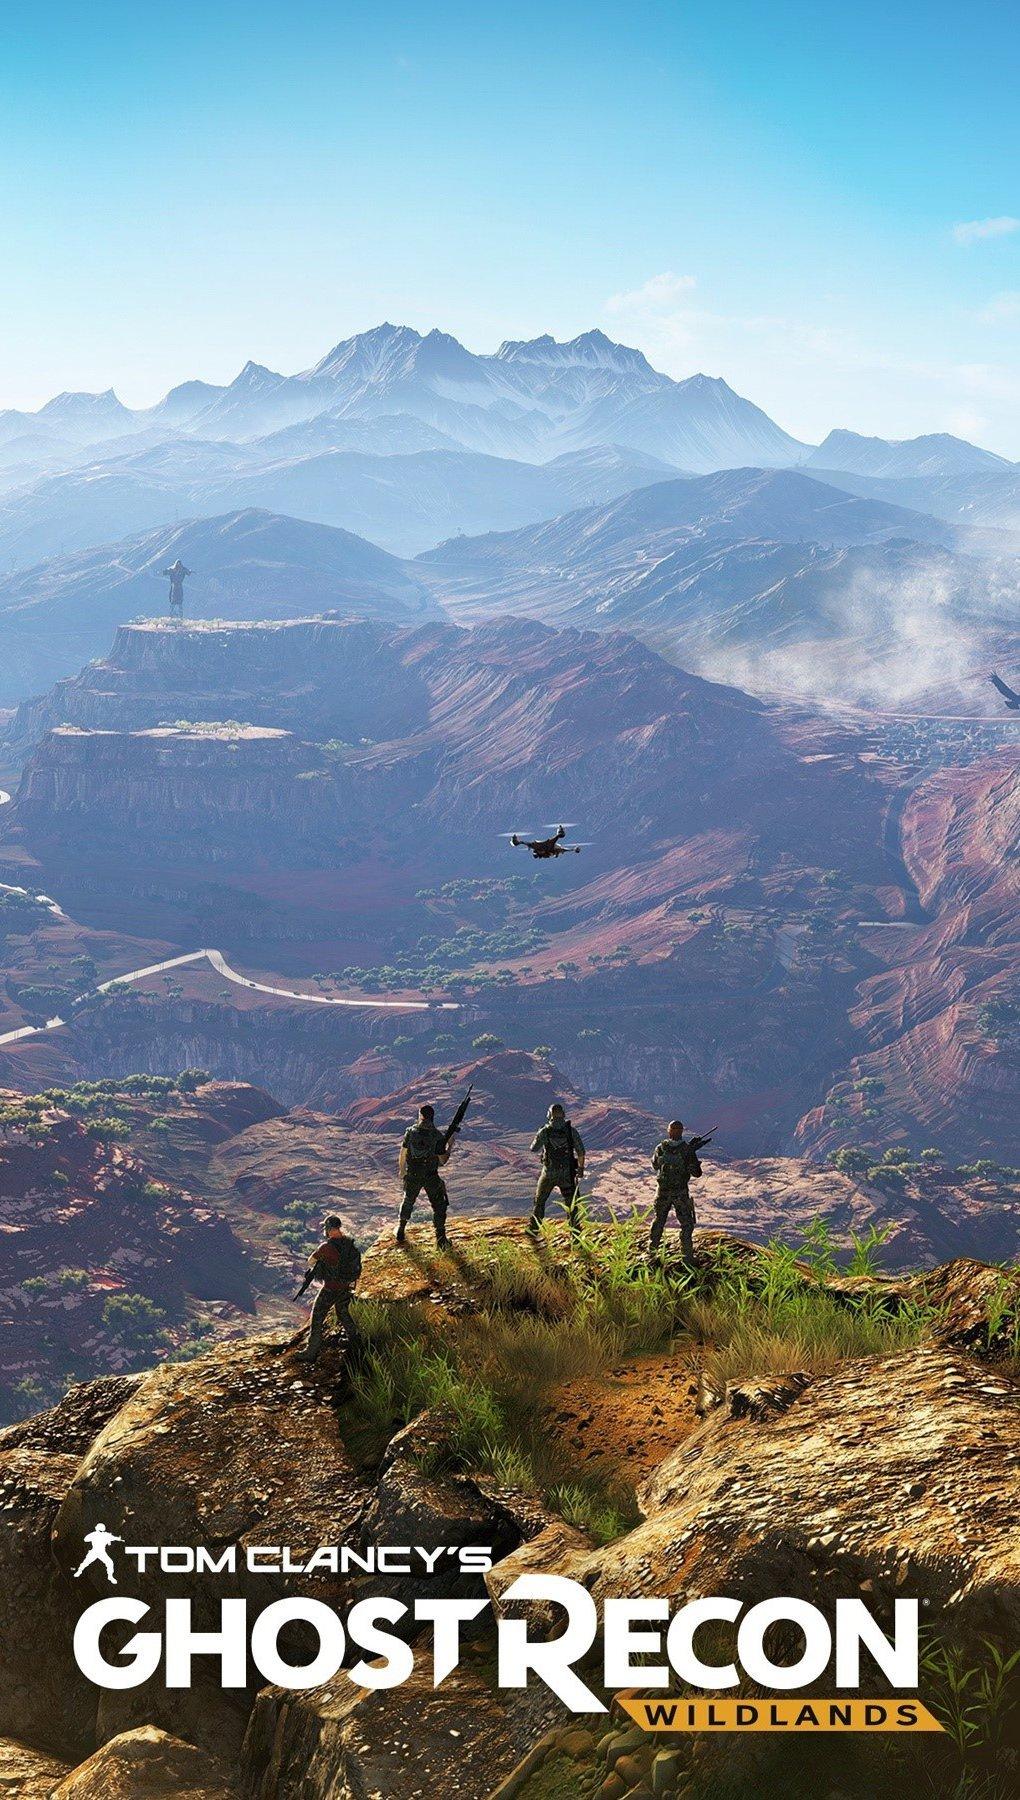 Wallpaper Tom Clancy's Ghost Recon Wildlands Vertical